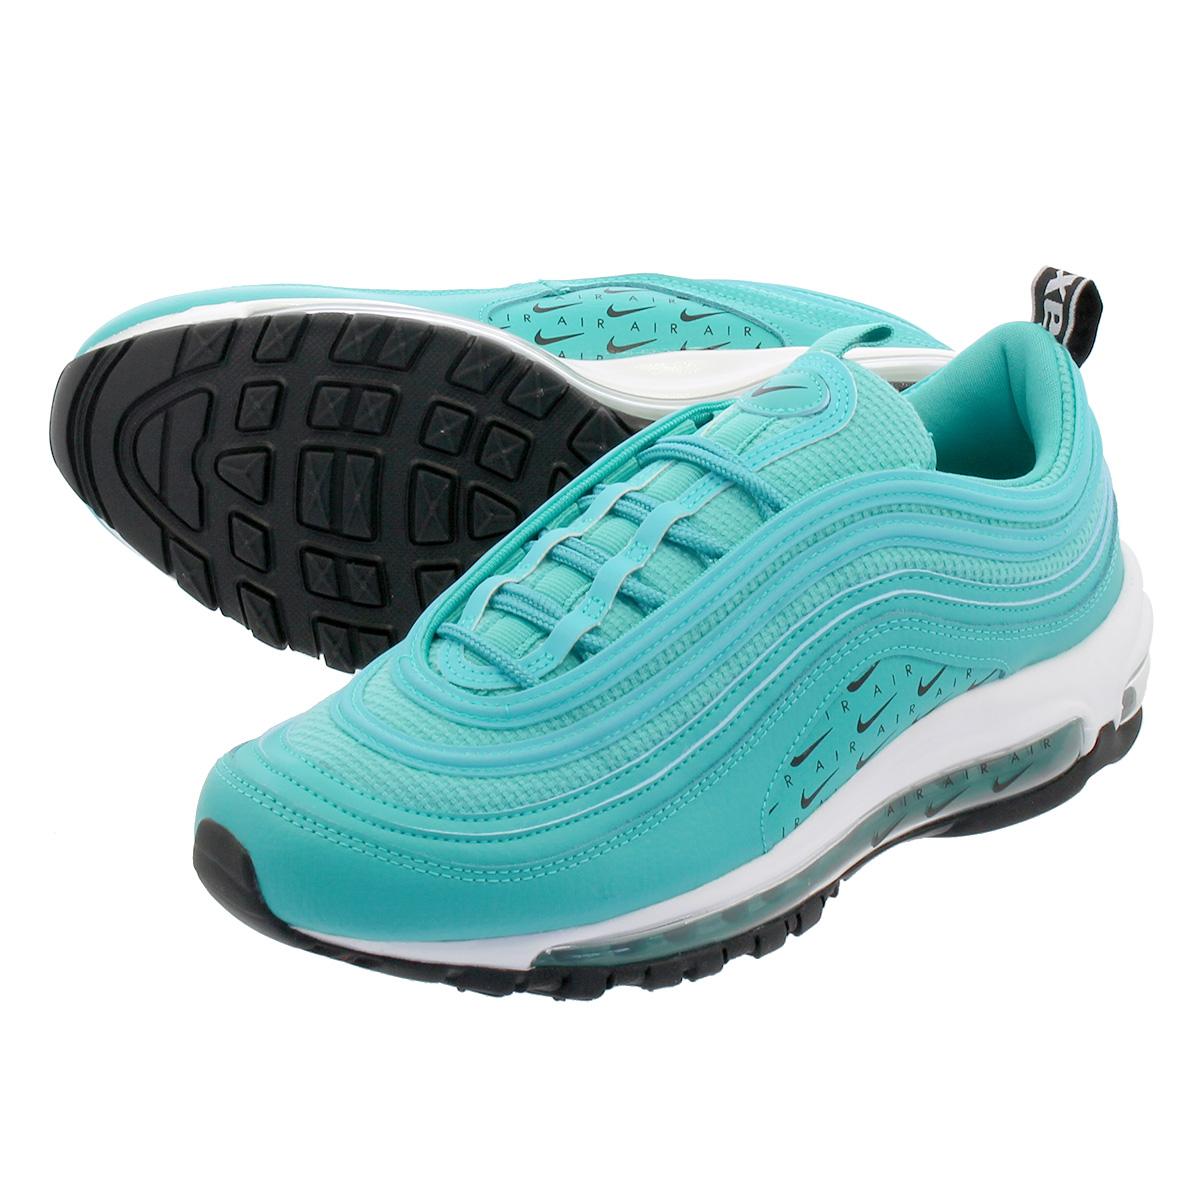 detailed look 9e5cb ad4c4 NIKE WMNS AIR MAX 97 LX Nike women Air Max 97 LX HYPER JADE HYPER JADE BLACK WHITE  ar7621-300